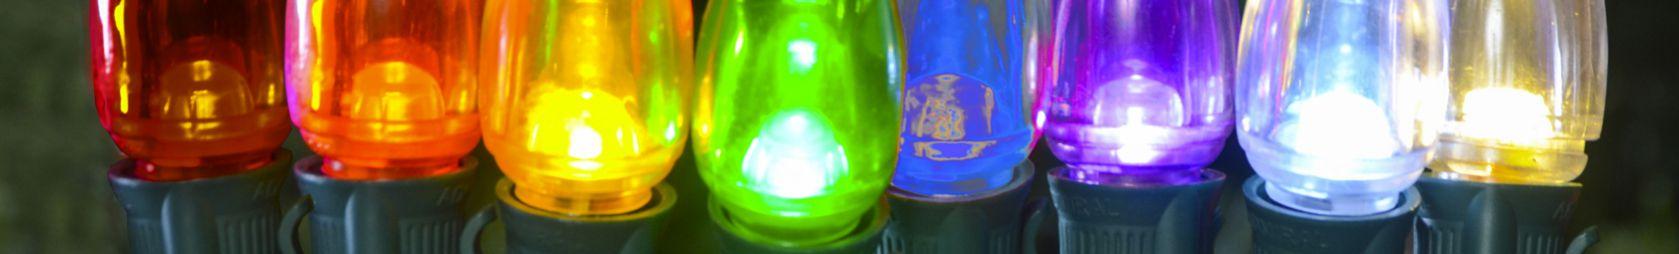 LED C9 Bulbs